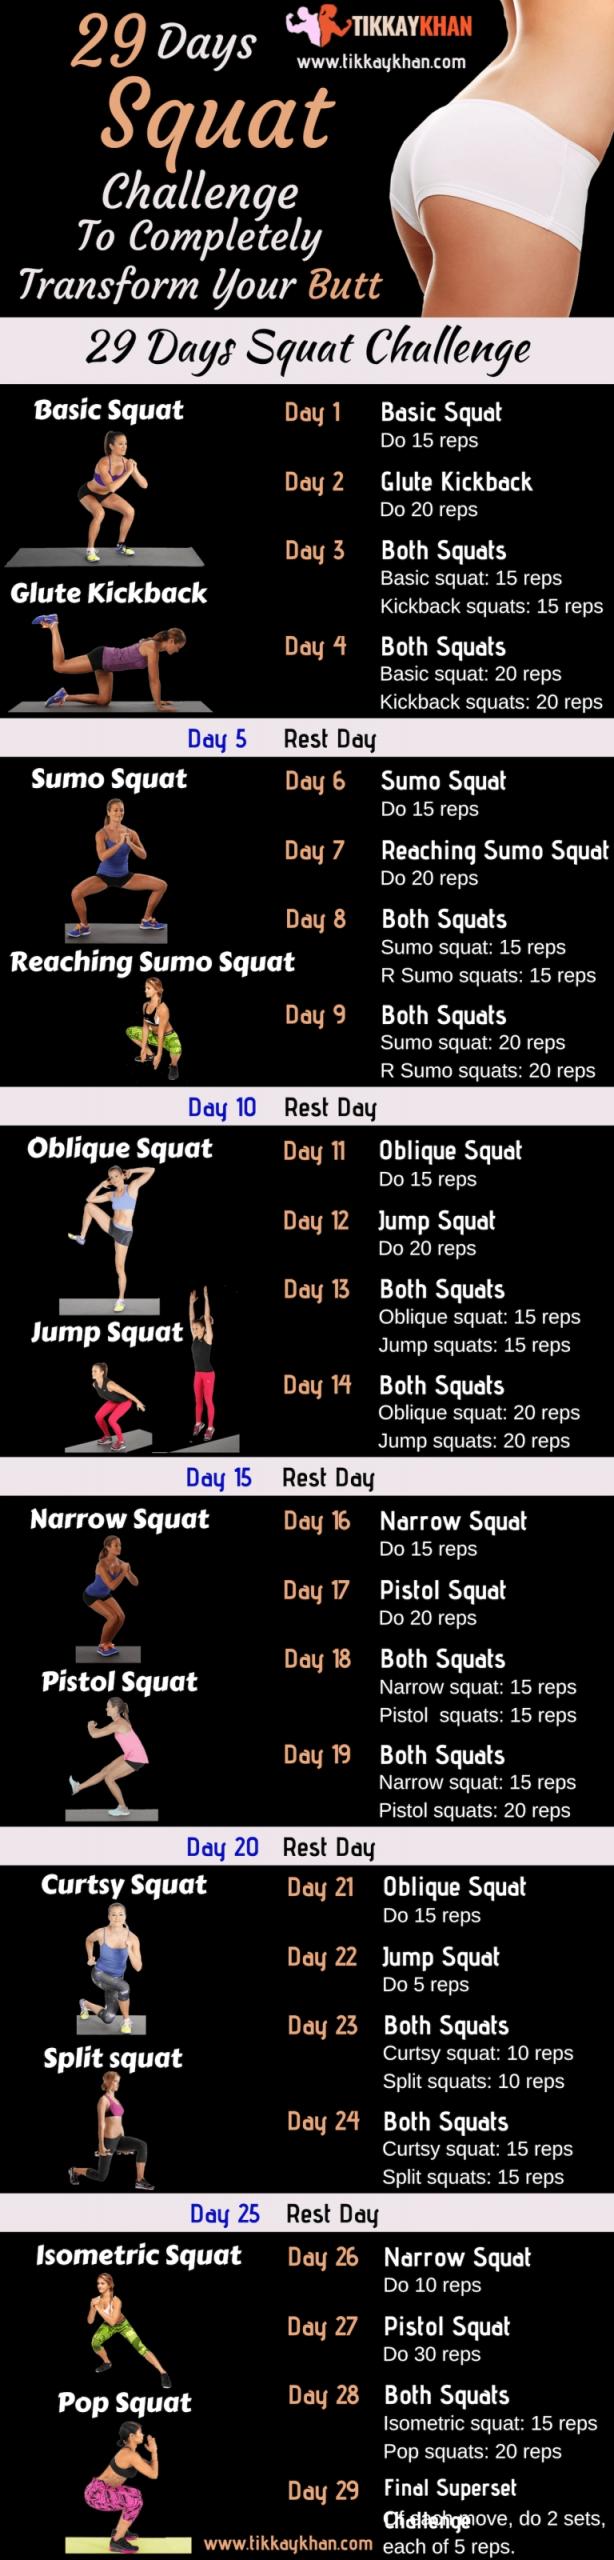 29 Day Squat Challenge For Women 2020 - Tikkay Khan | Squat